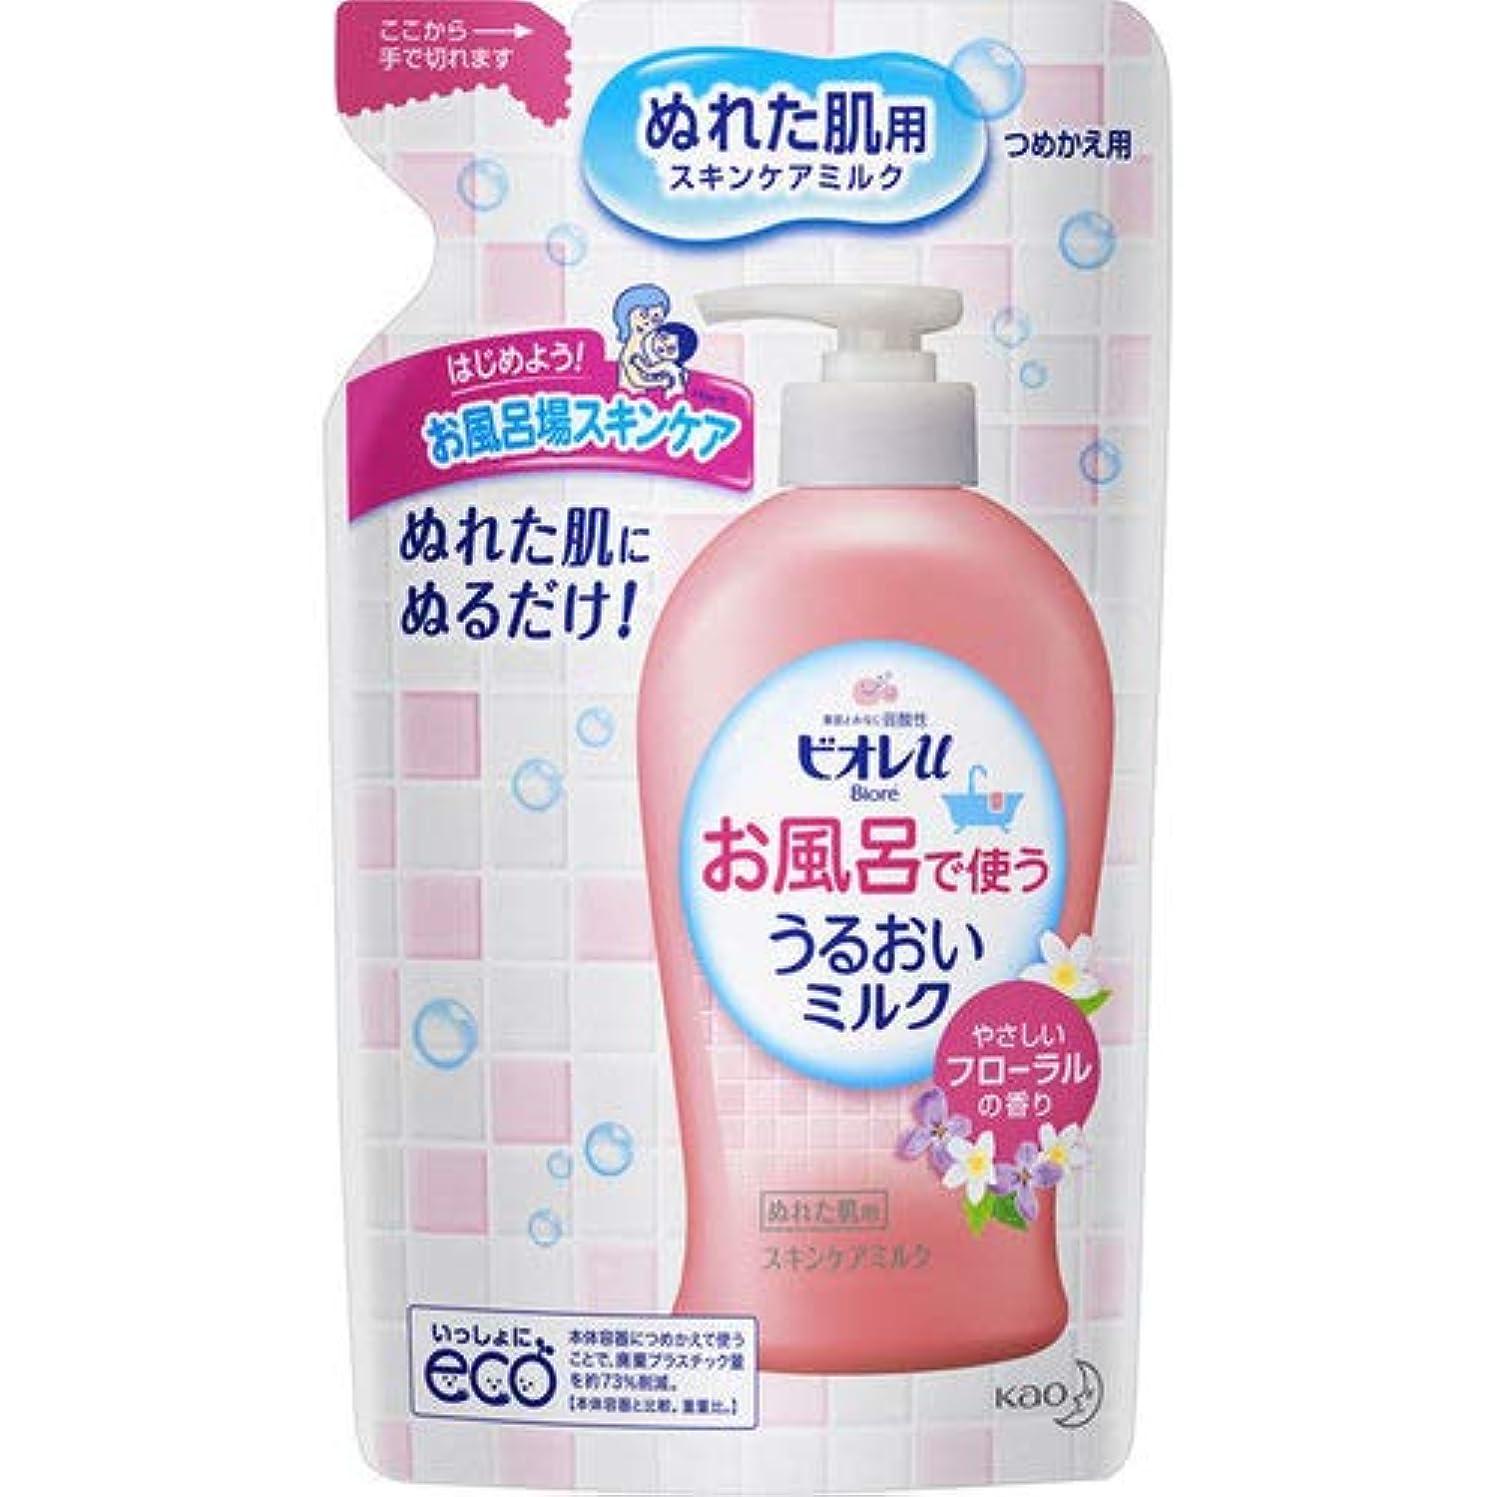 借りるシャイ帝国主義ビオレu お風呂で使ううるおいミルク フローラル つめかえ用 250mL